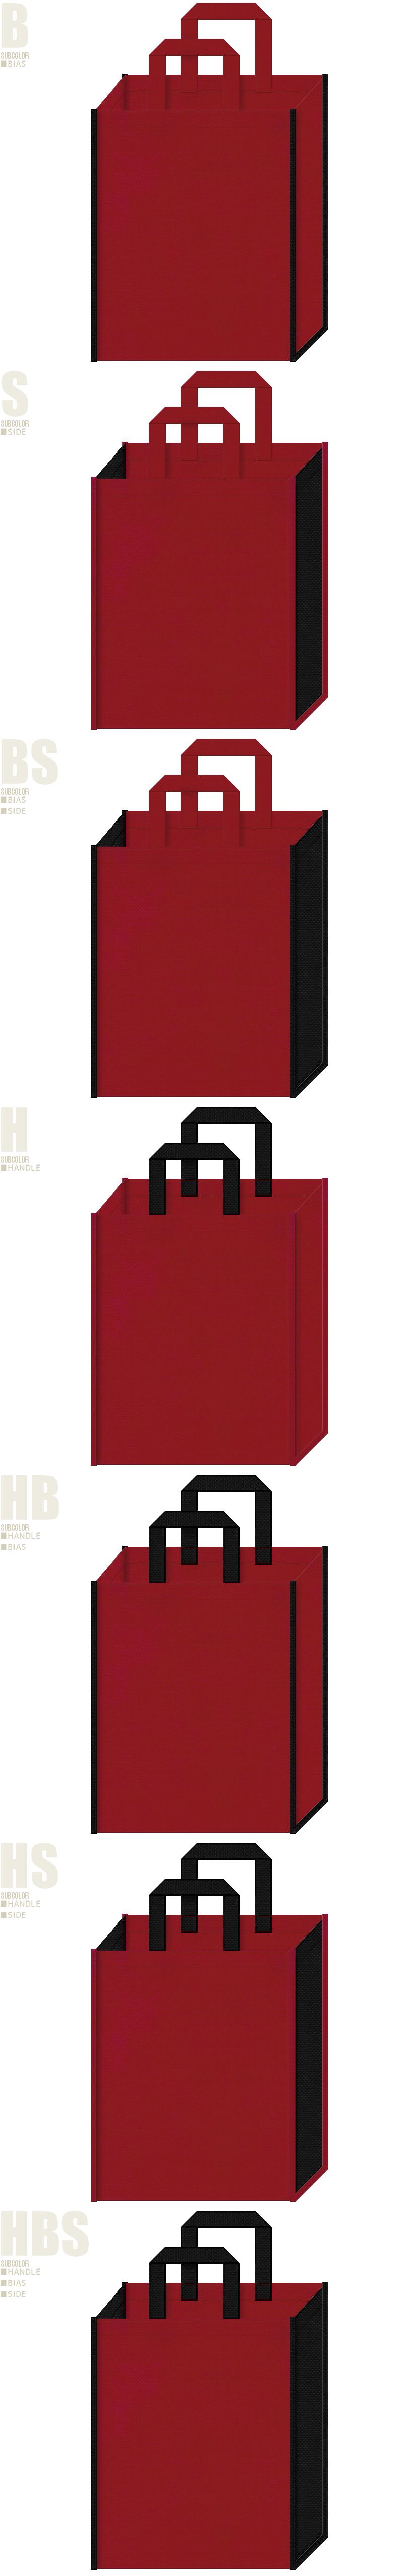 エンジ色と黒色、7パターンの不織布トートバッグ配色デザイン例。ピアノリサイタルのバッグノベルティにお奨めです。